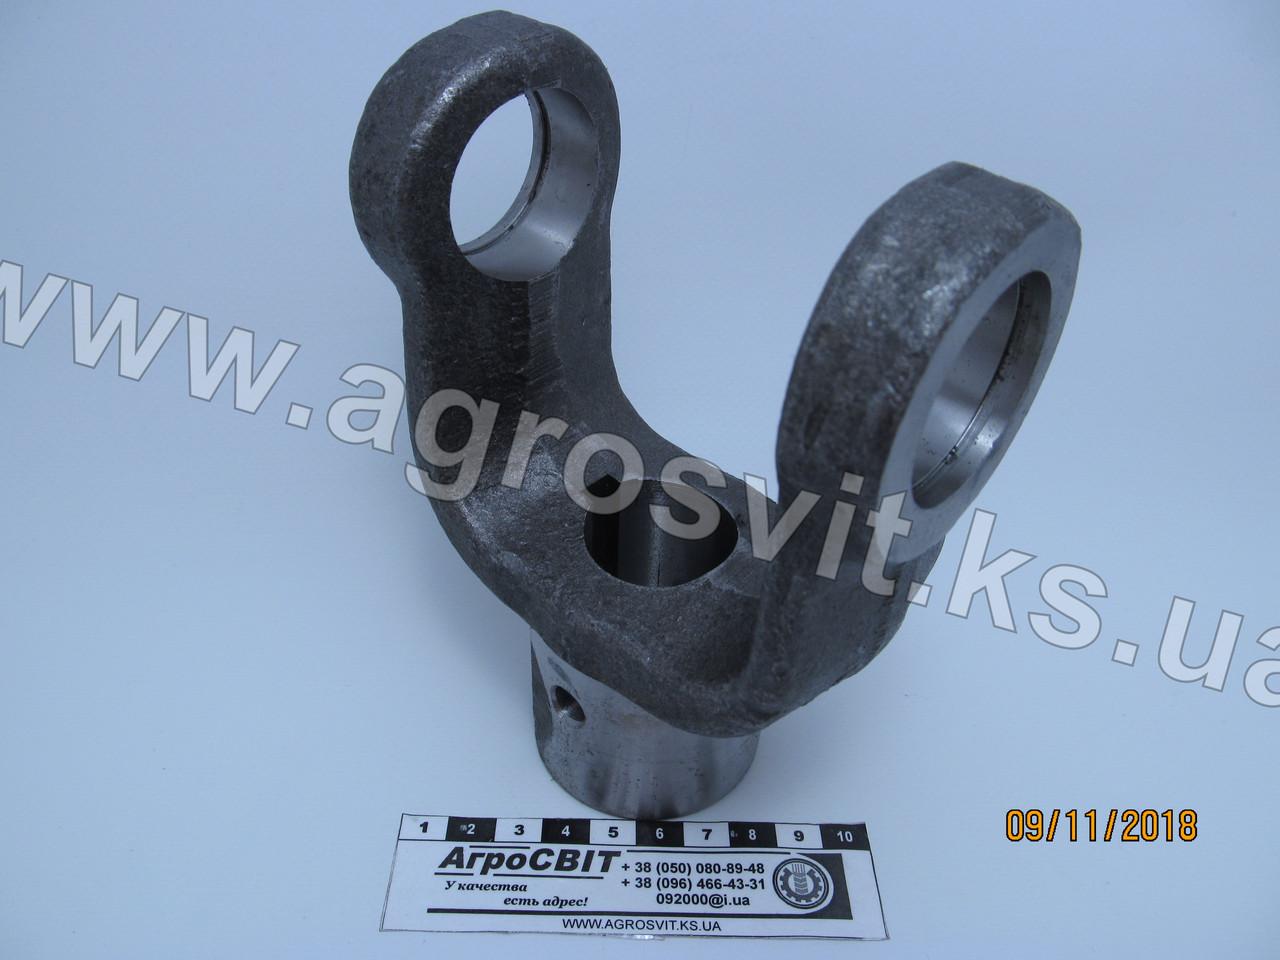 Вилка карданного вала 400 (под шпонку, диаметр 30 мм.), Ж-400